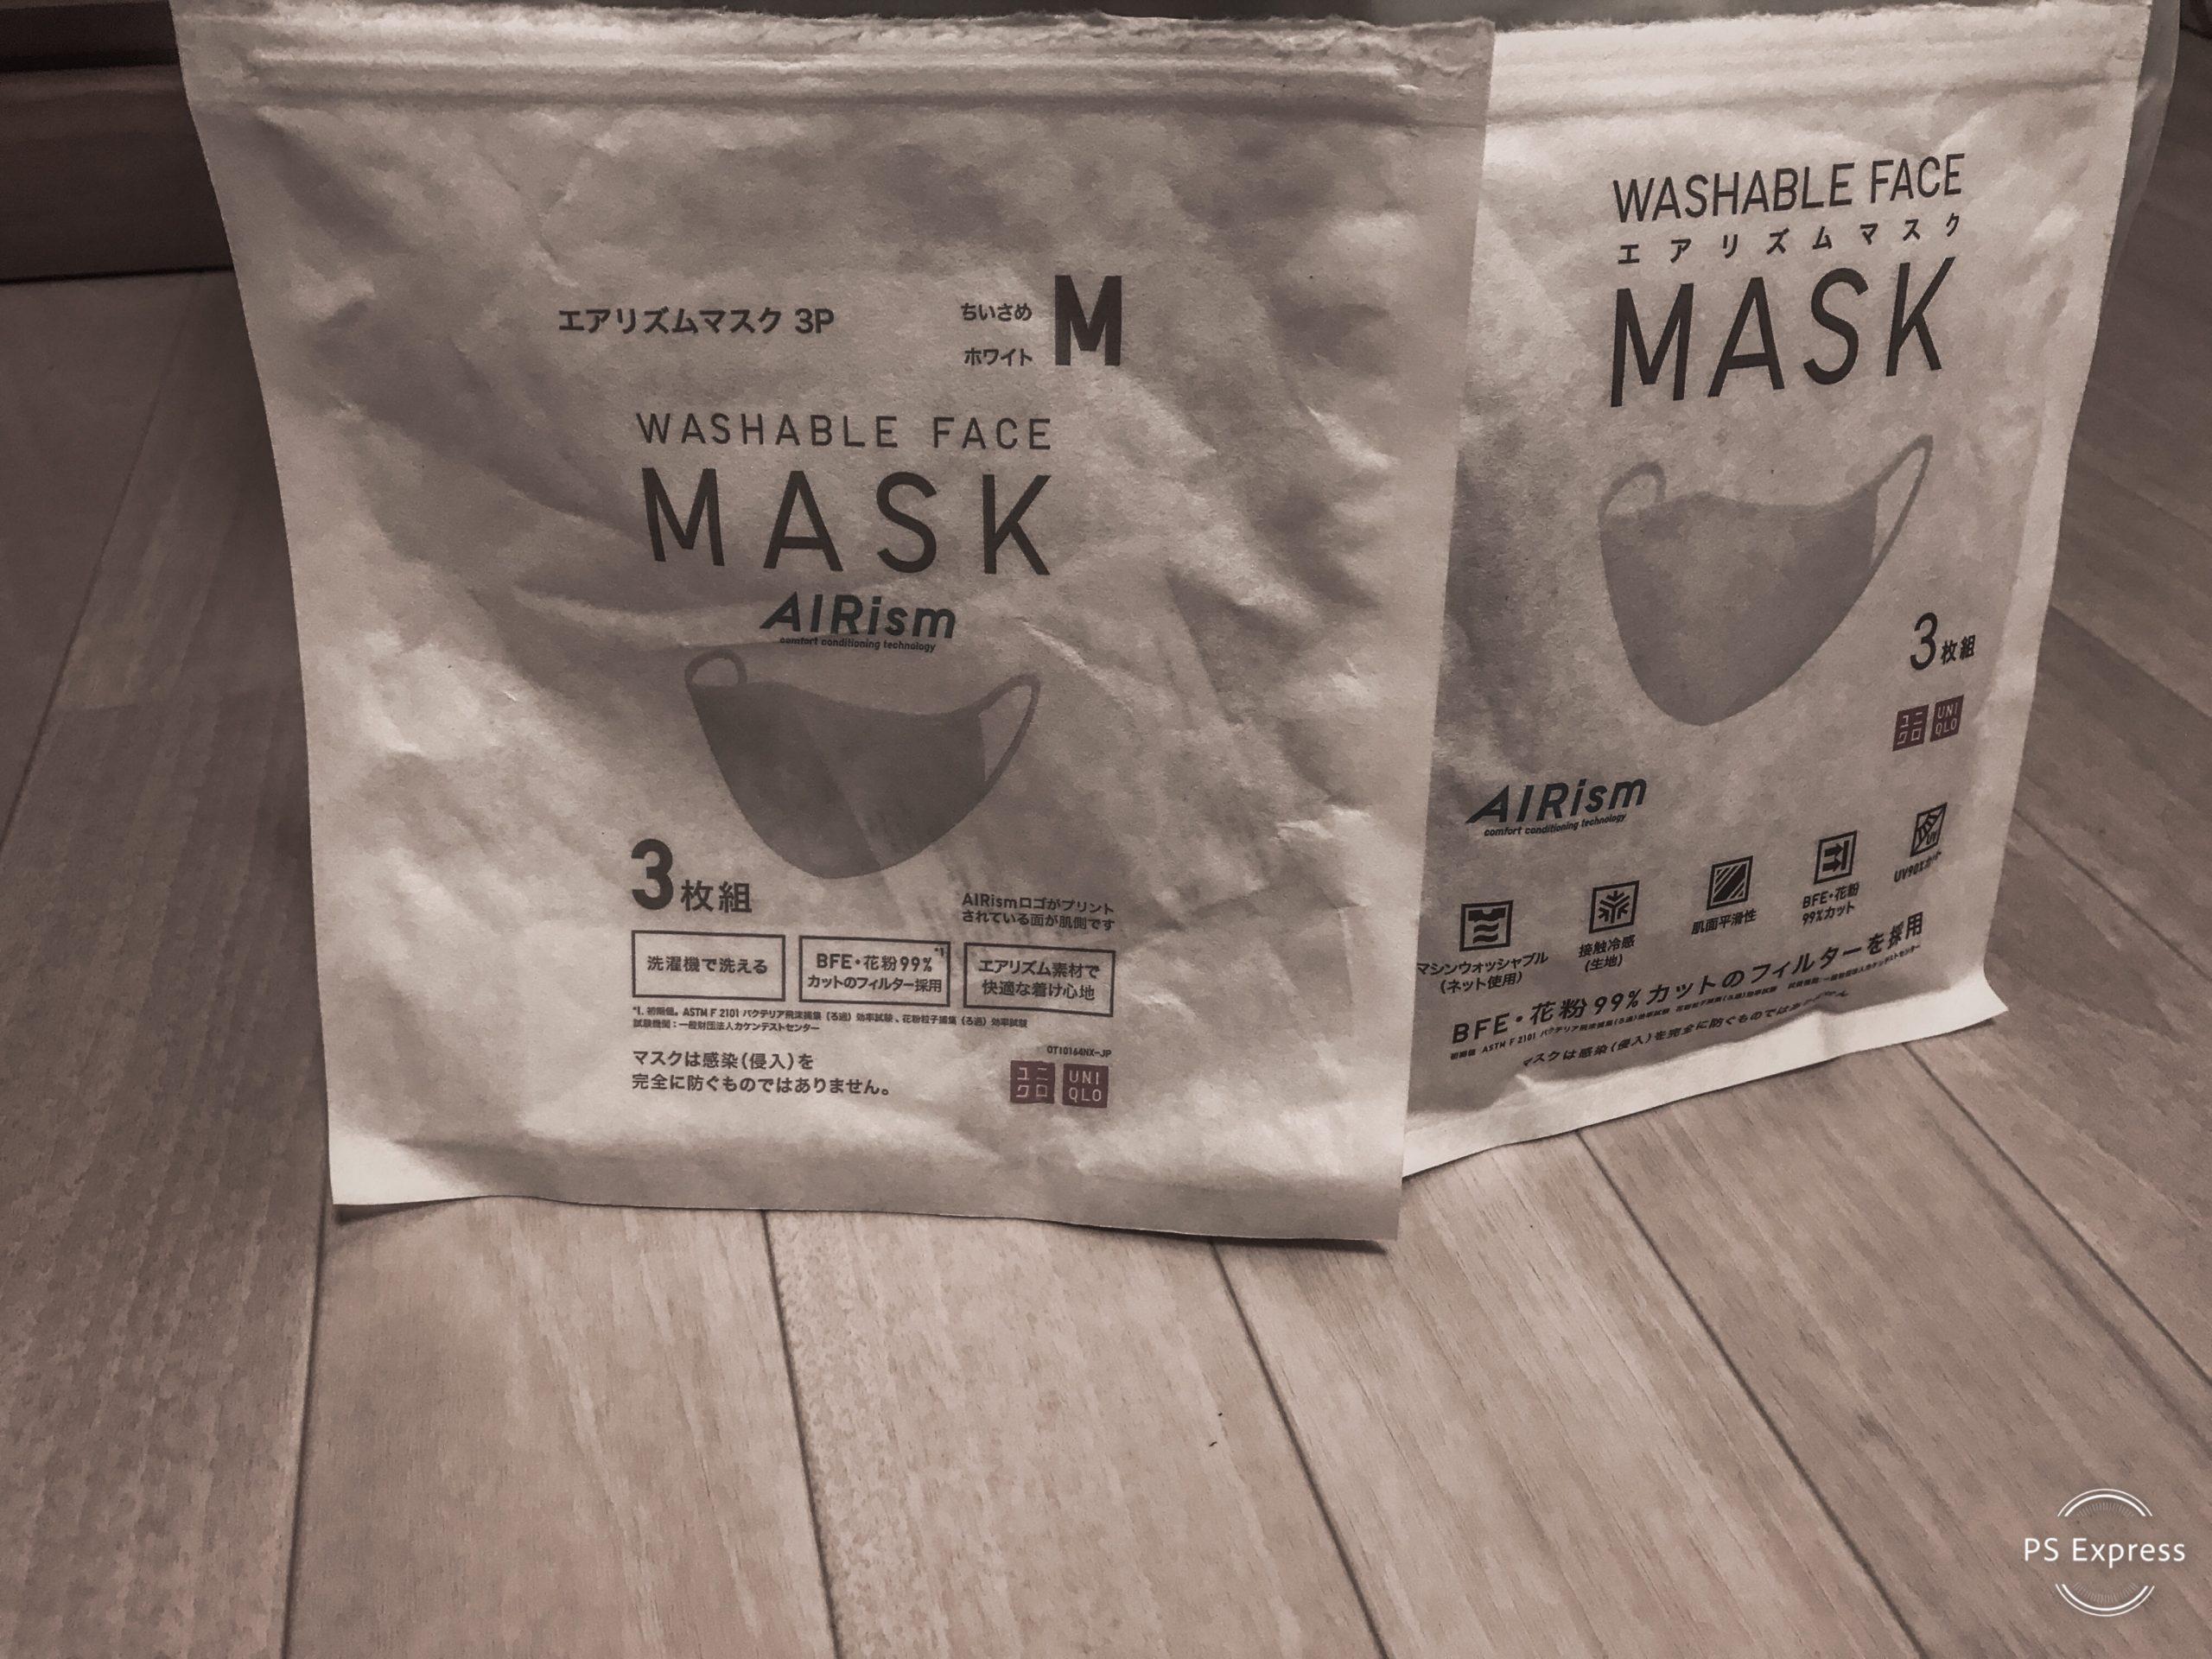 エアリズムマスク新旧比較画像